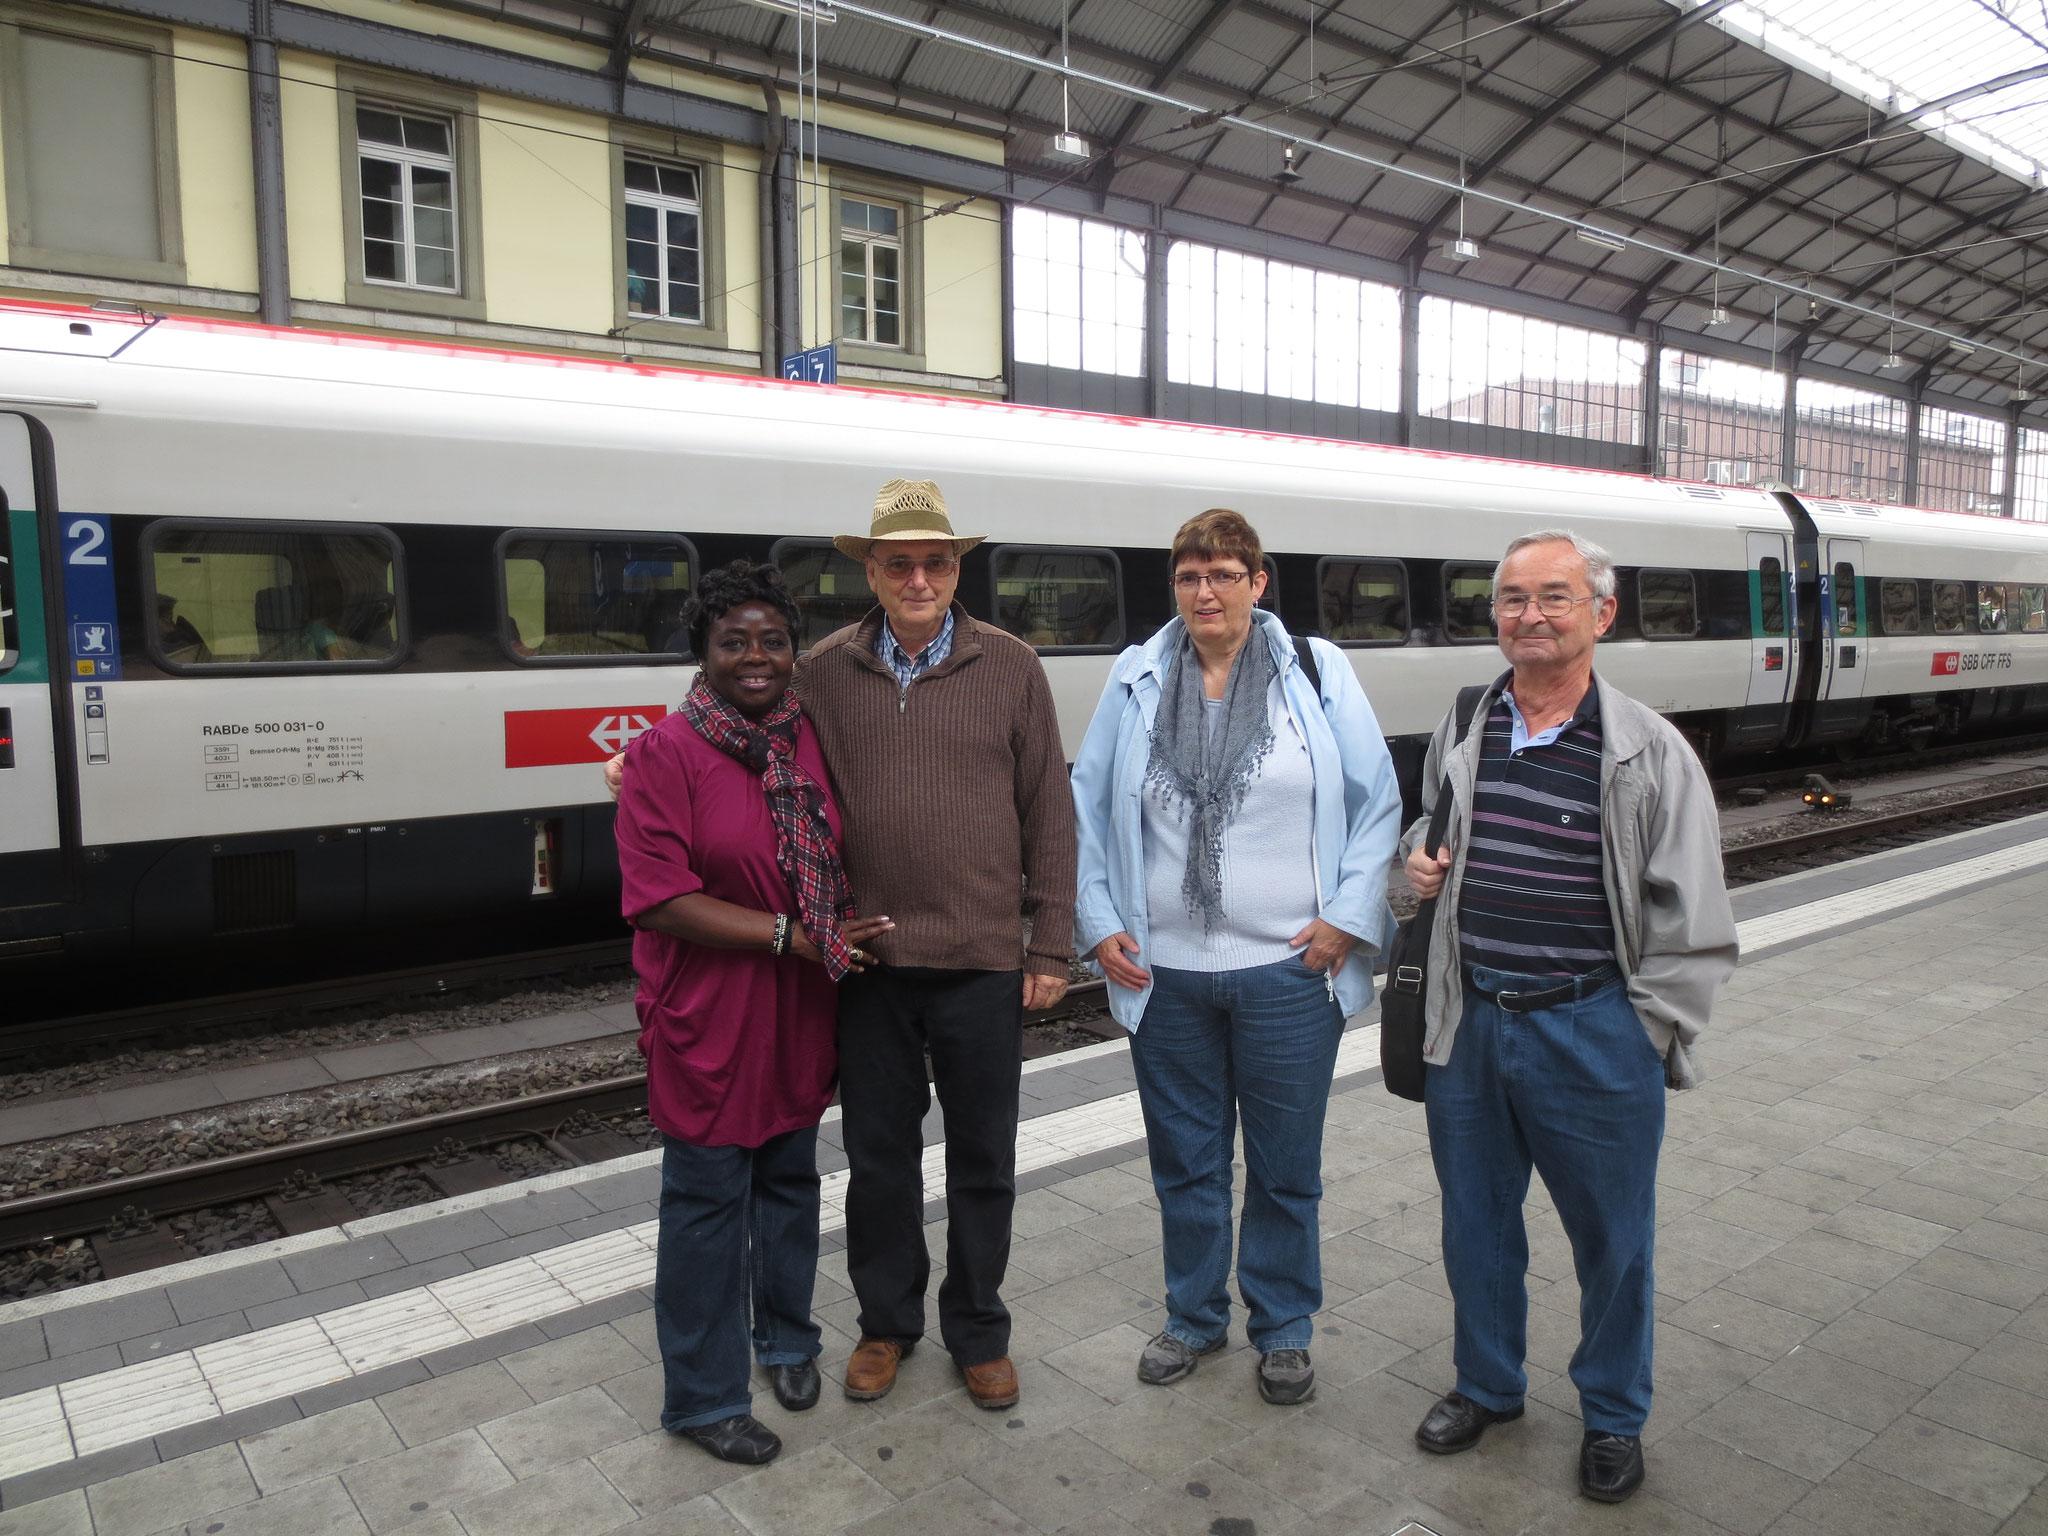 2. 24.8.2014 Hier am Bahnhof Olten begann das Abenteuer.